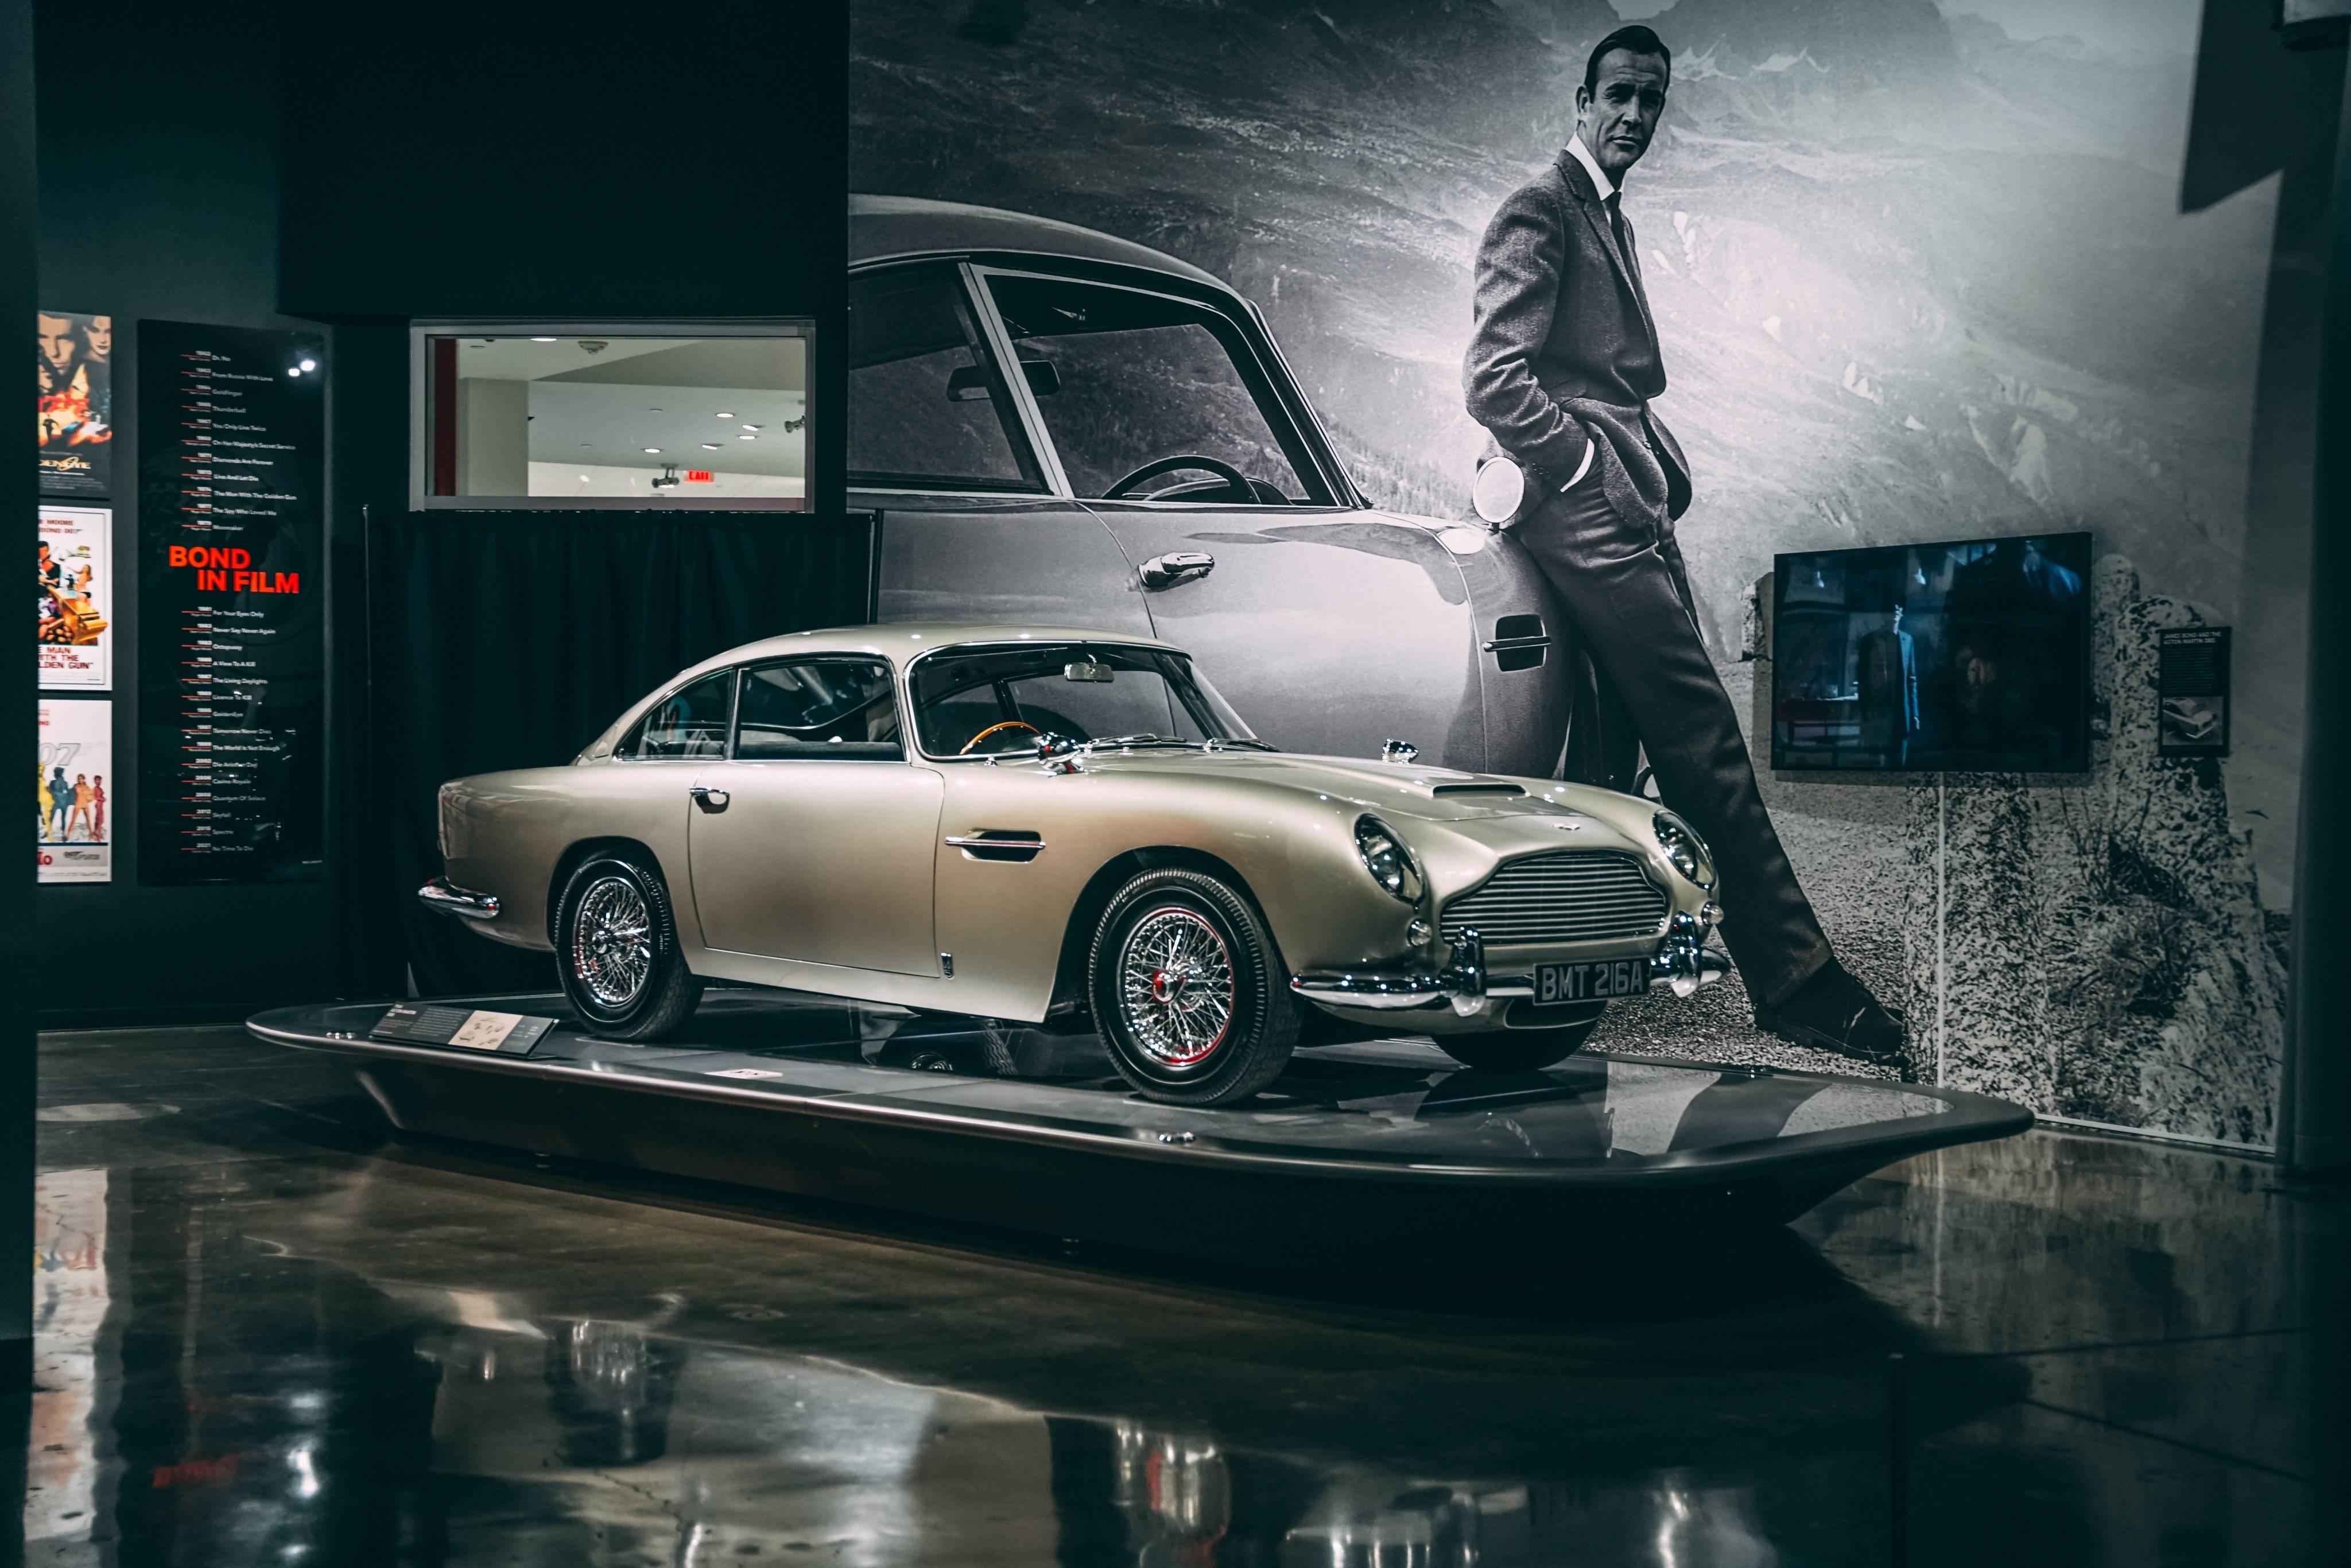 В США открылась выставка автомобилей Джеймса Бонда (фото, видео)  1